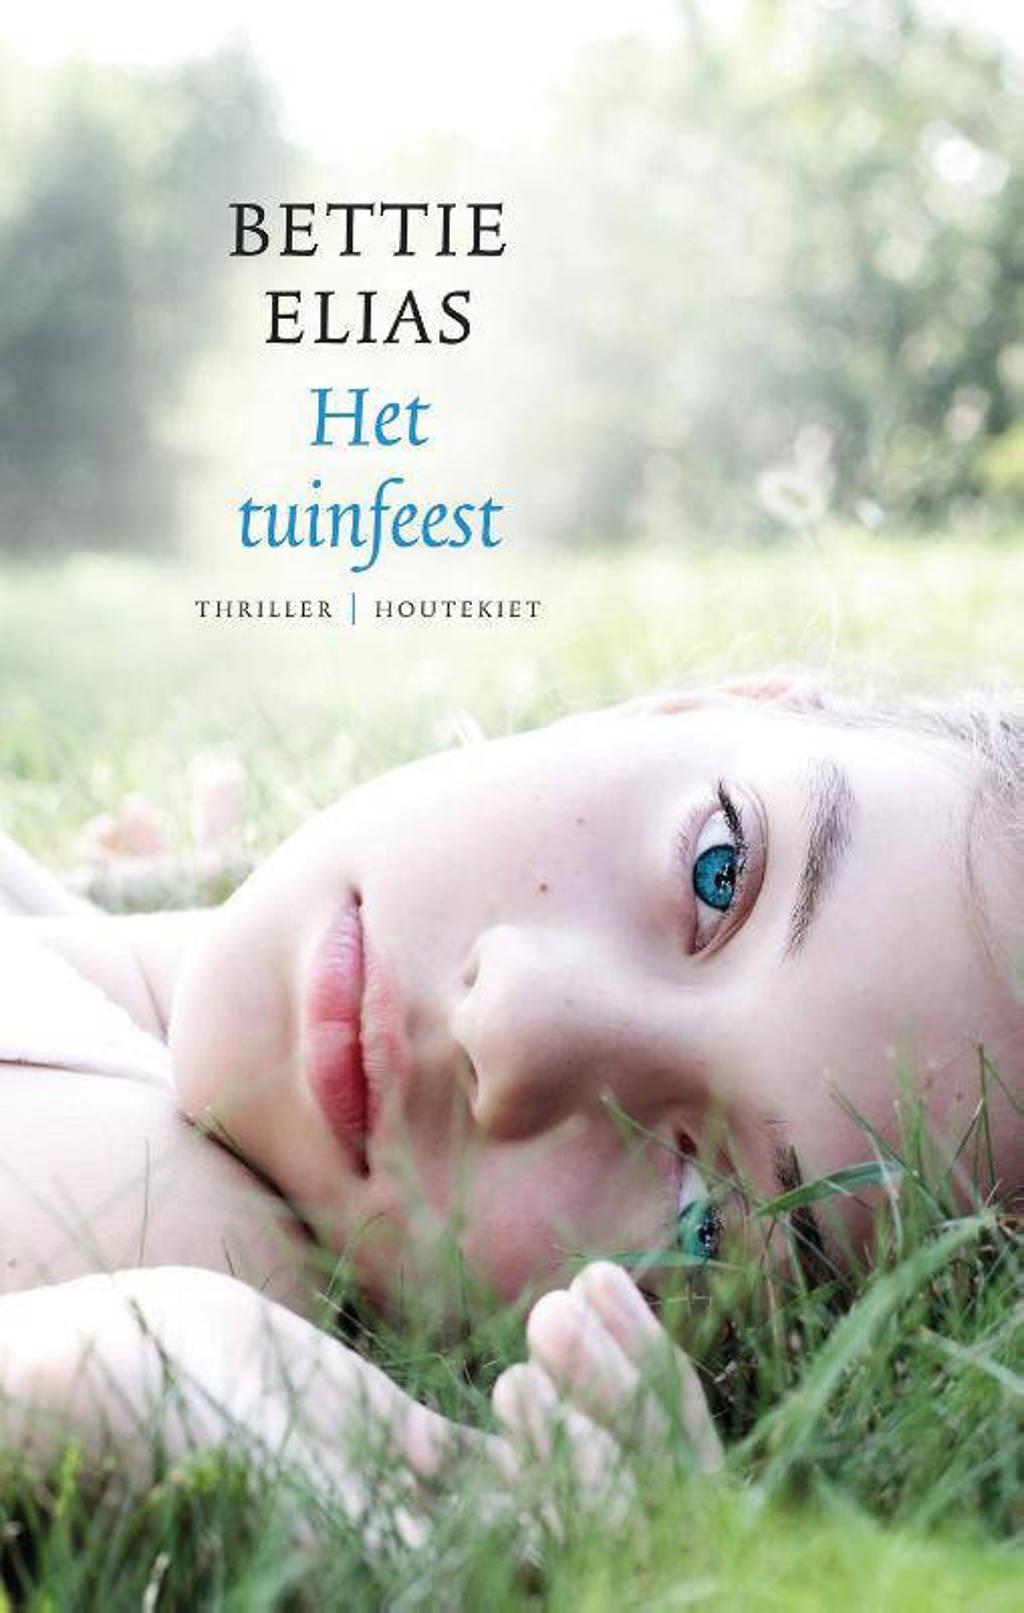 Het tuinfeest - Bettie Elias